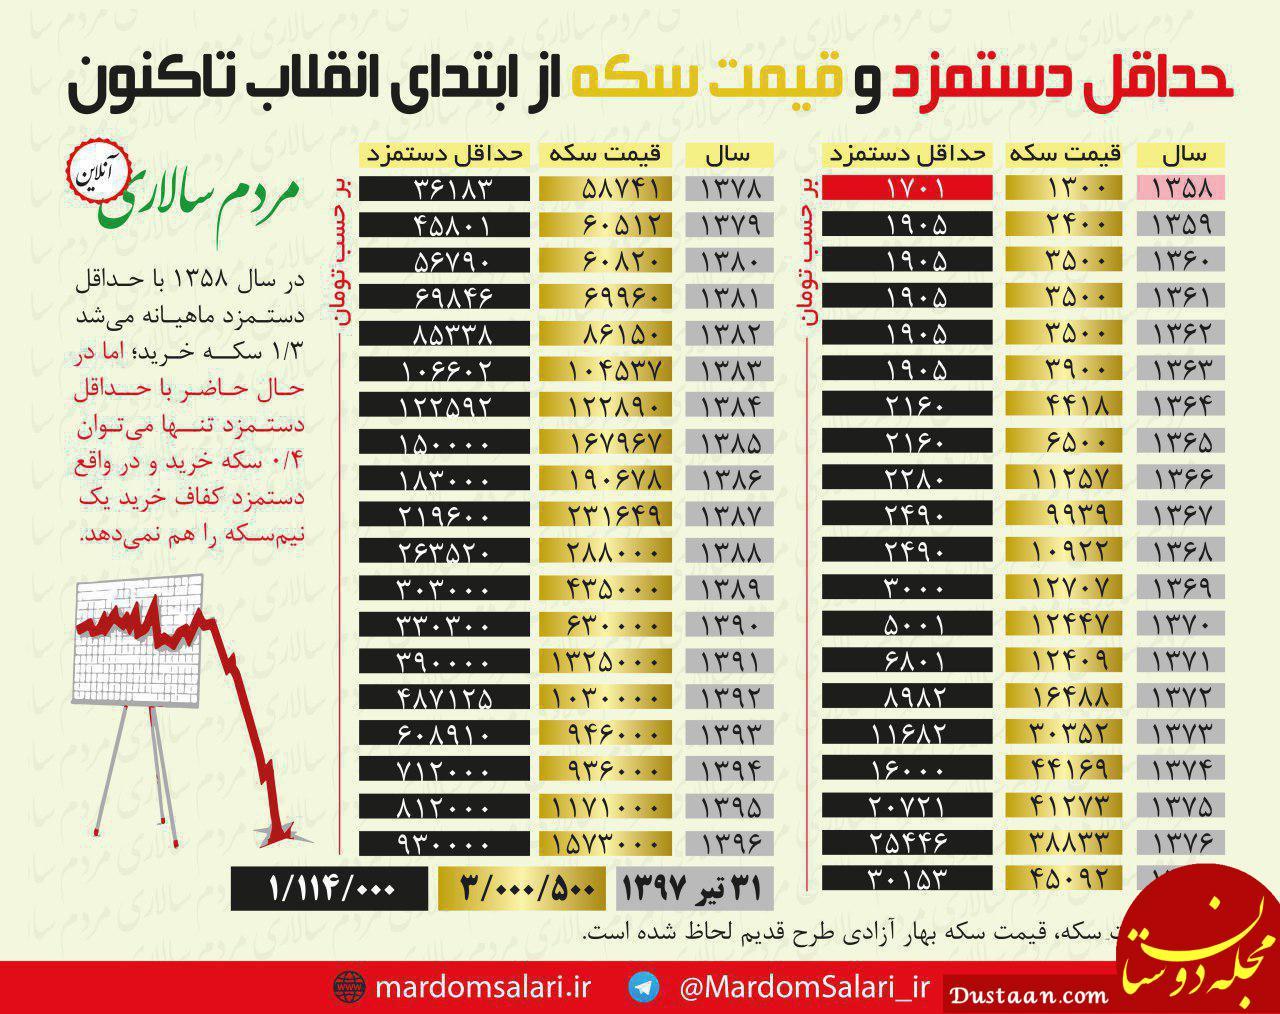 www.dustaan.com مقایسه حداقل دستمزد ماهیانه کارگران در ایران در سال های پس از انقلاب با قیمت سکه طلا